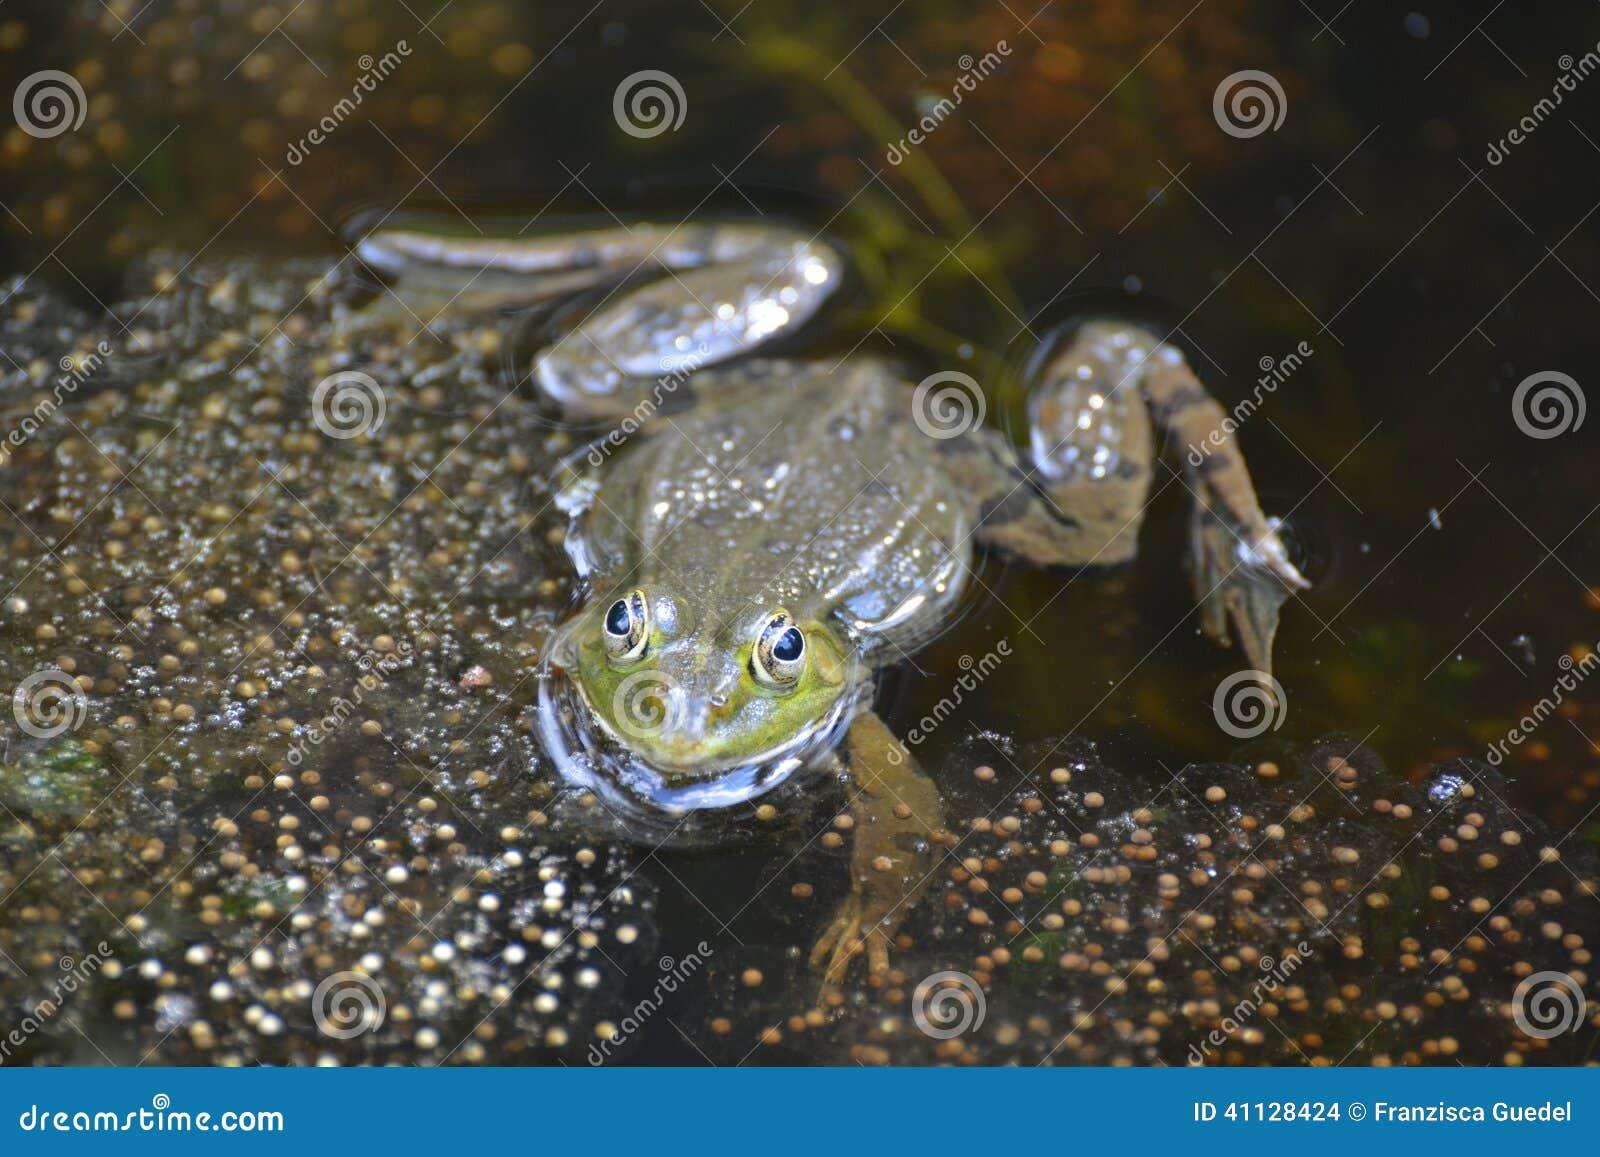 青蛙游泳在一个池塘在瑞士.图片